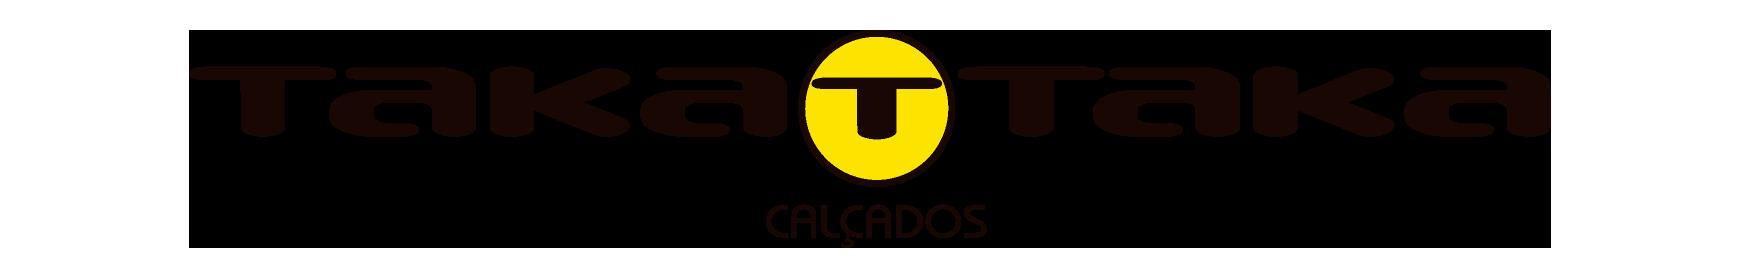 (c) Takatakacalcados.com.br